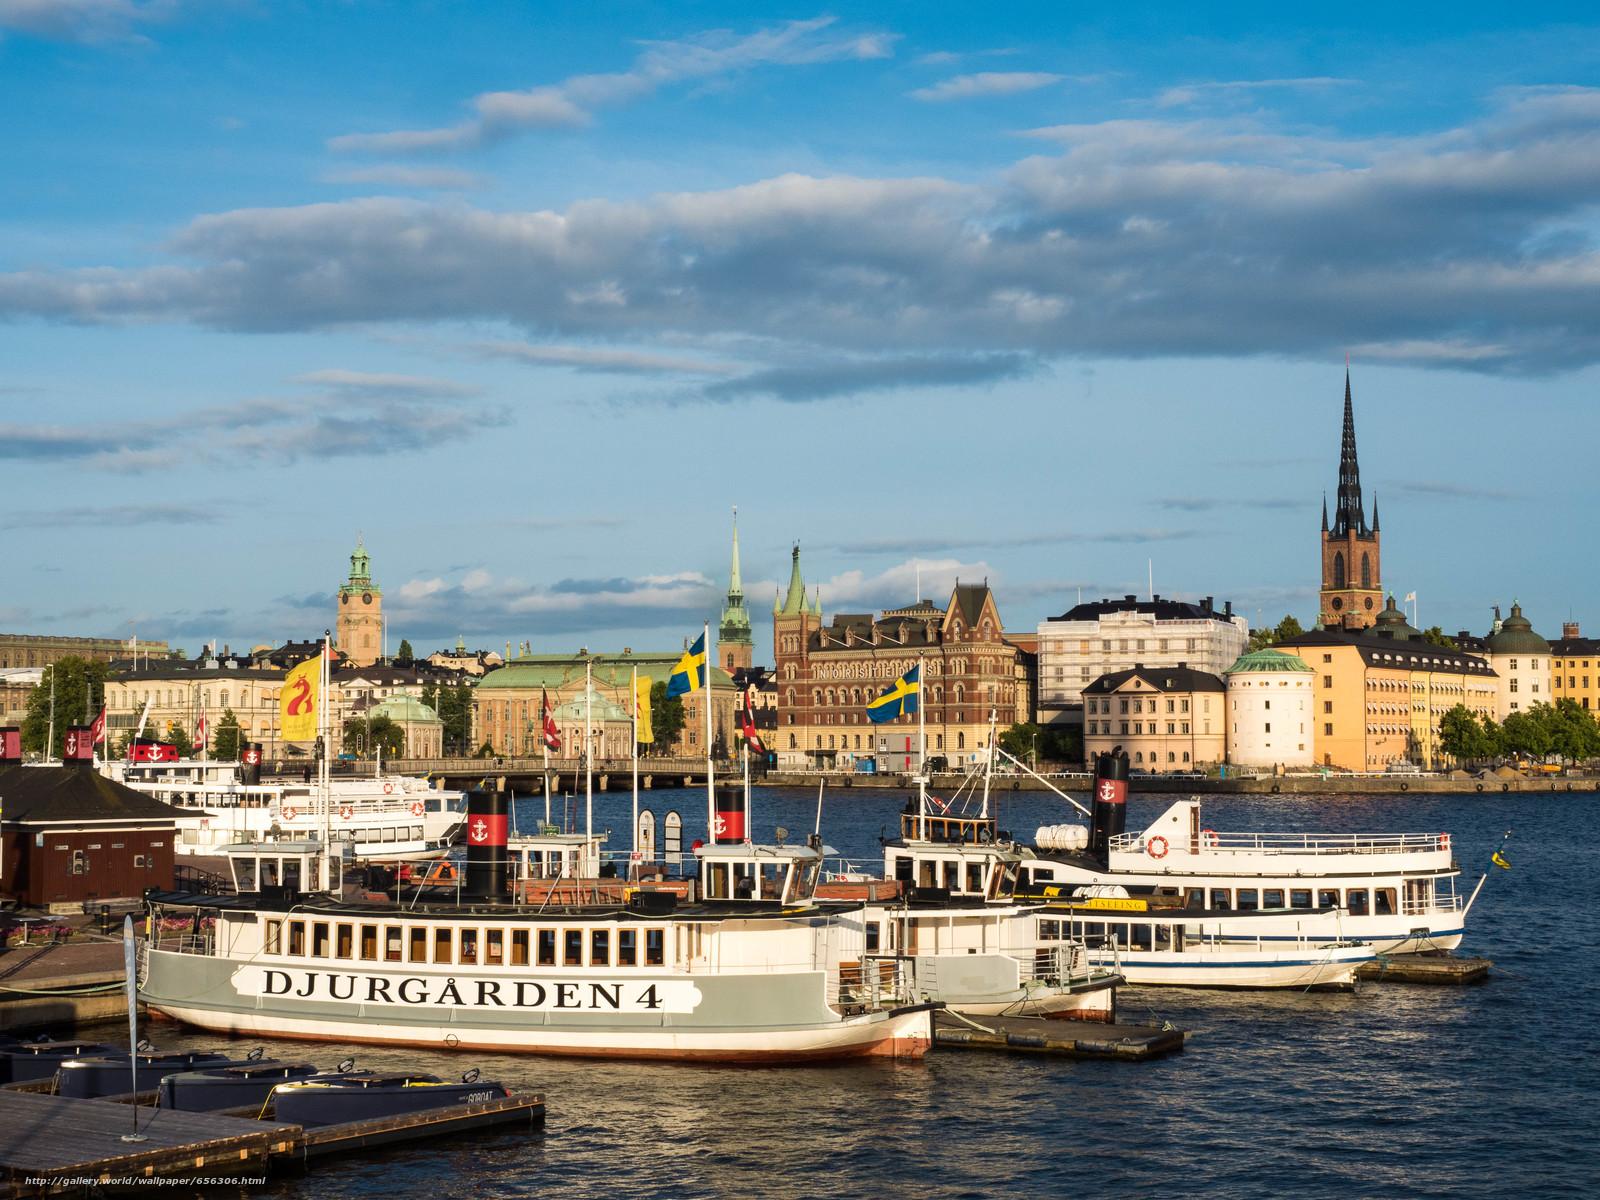 Скачать обои Stockholm,  Sweden,  город бесплатно для рабочего стола в разрешении 4608x3456 — картинка №656306